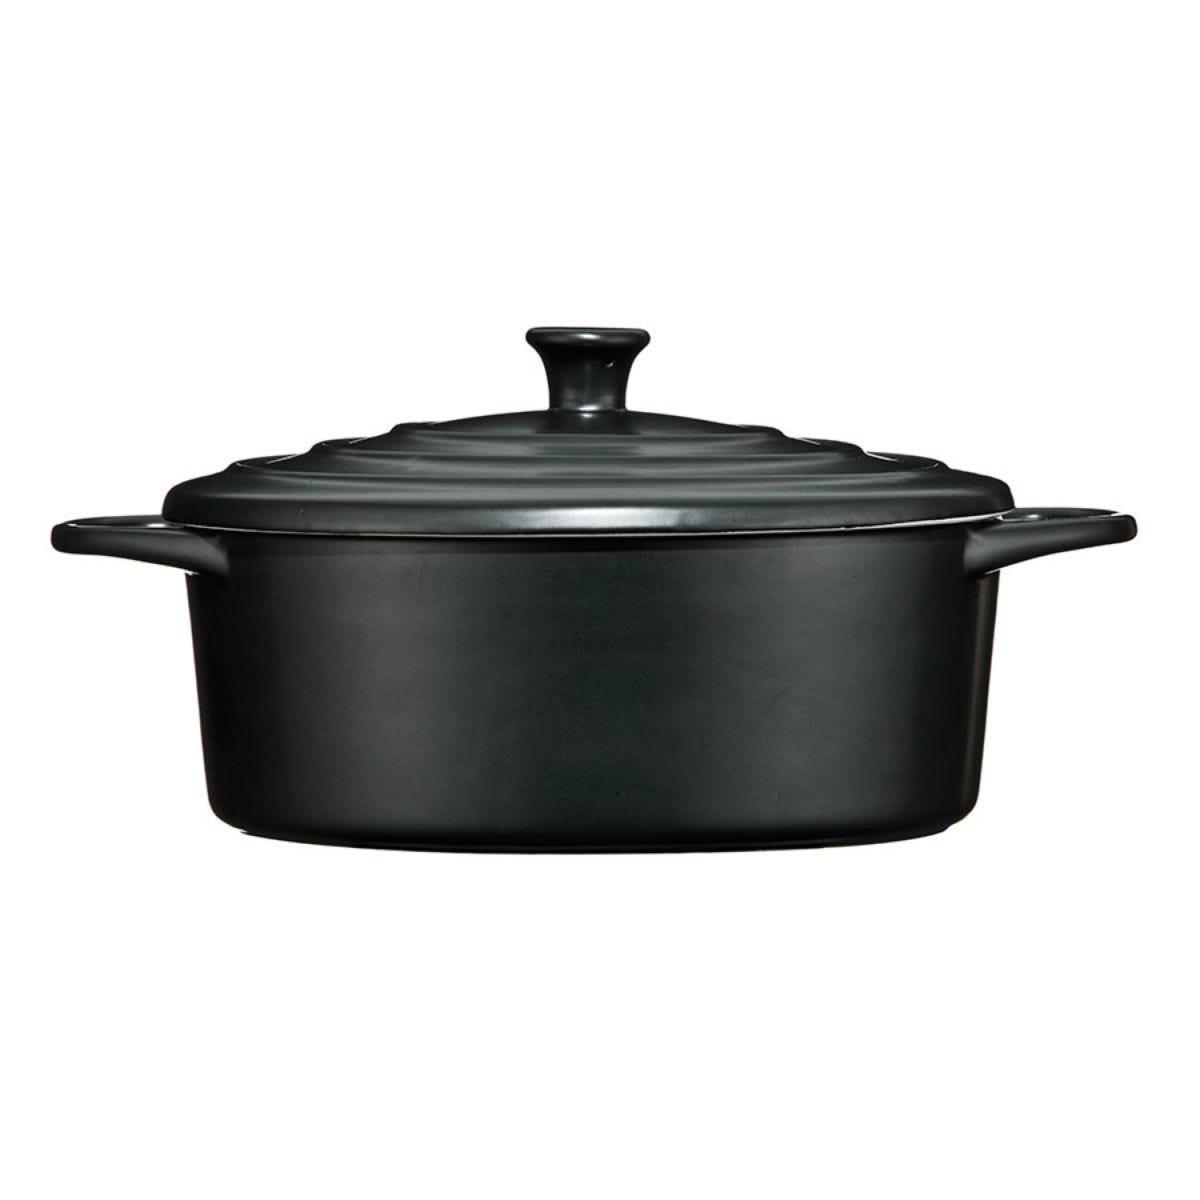 Premier Housewares Black Casserole Dish - 2.5L